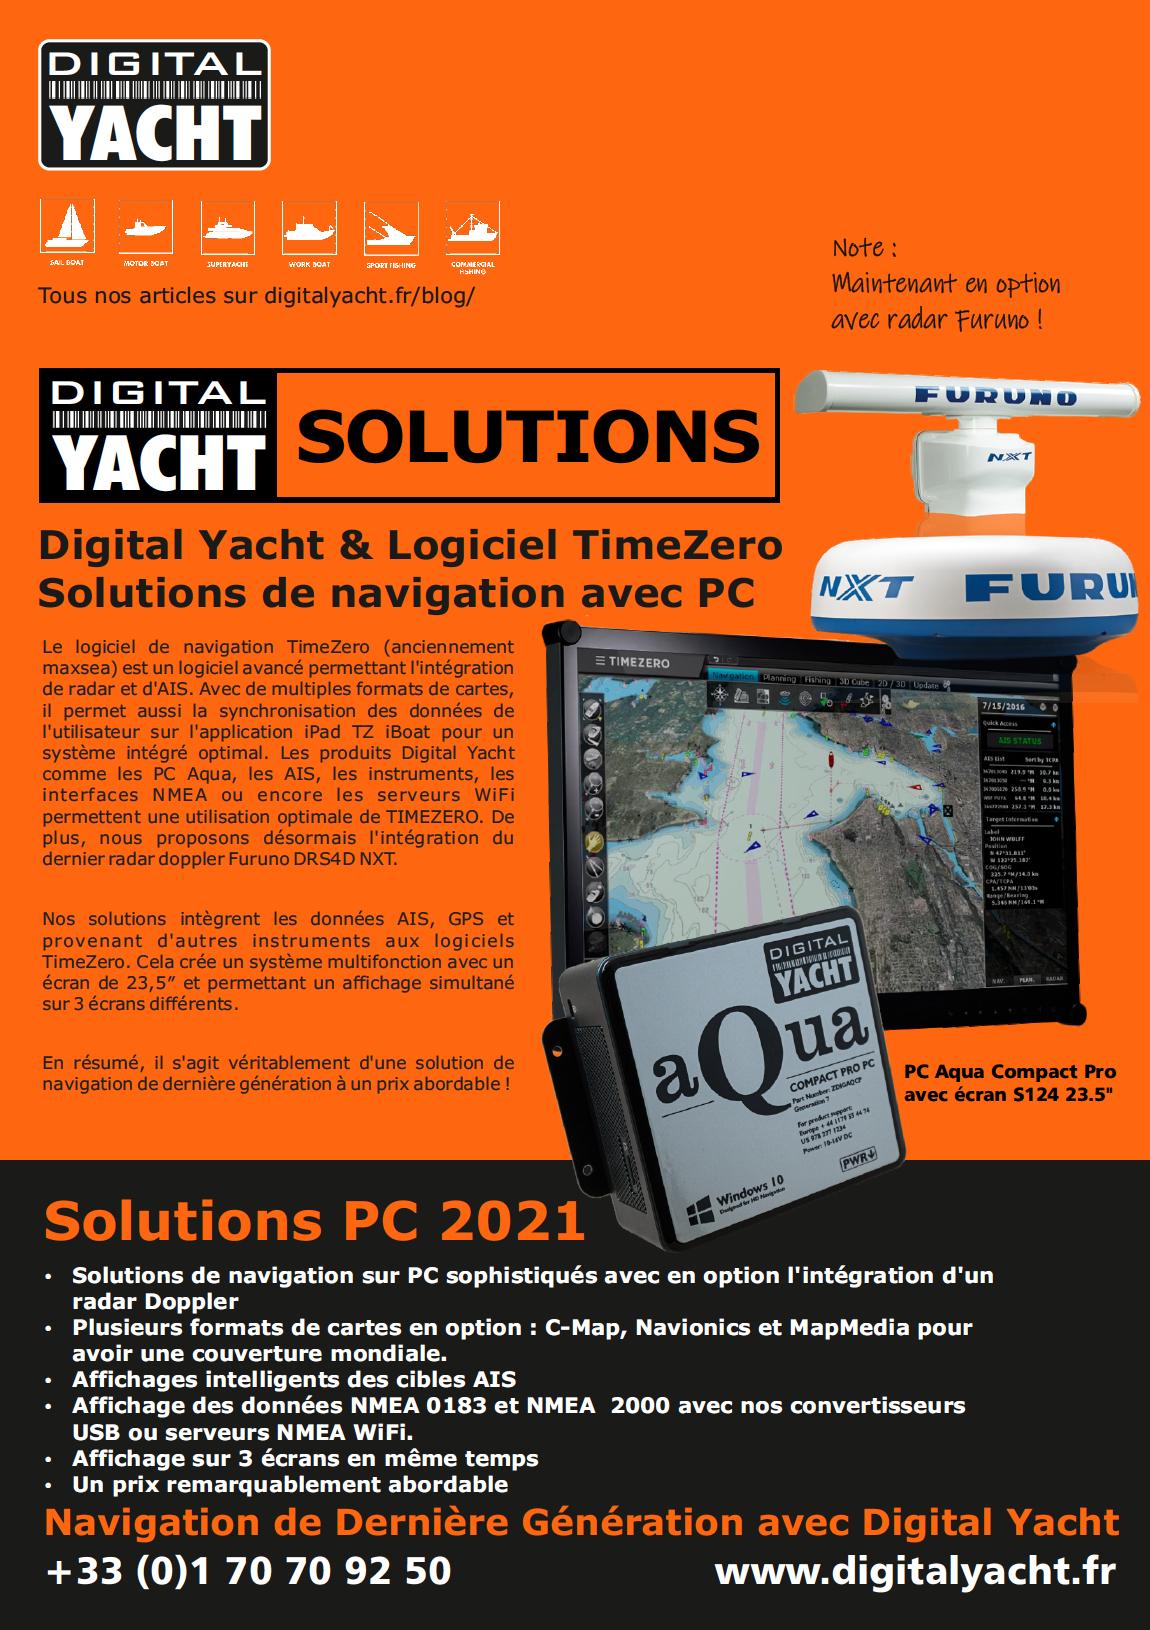 Solutions de navigation PC